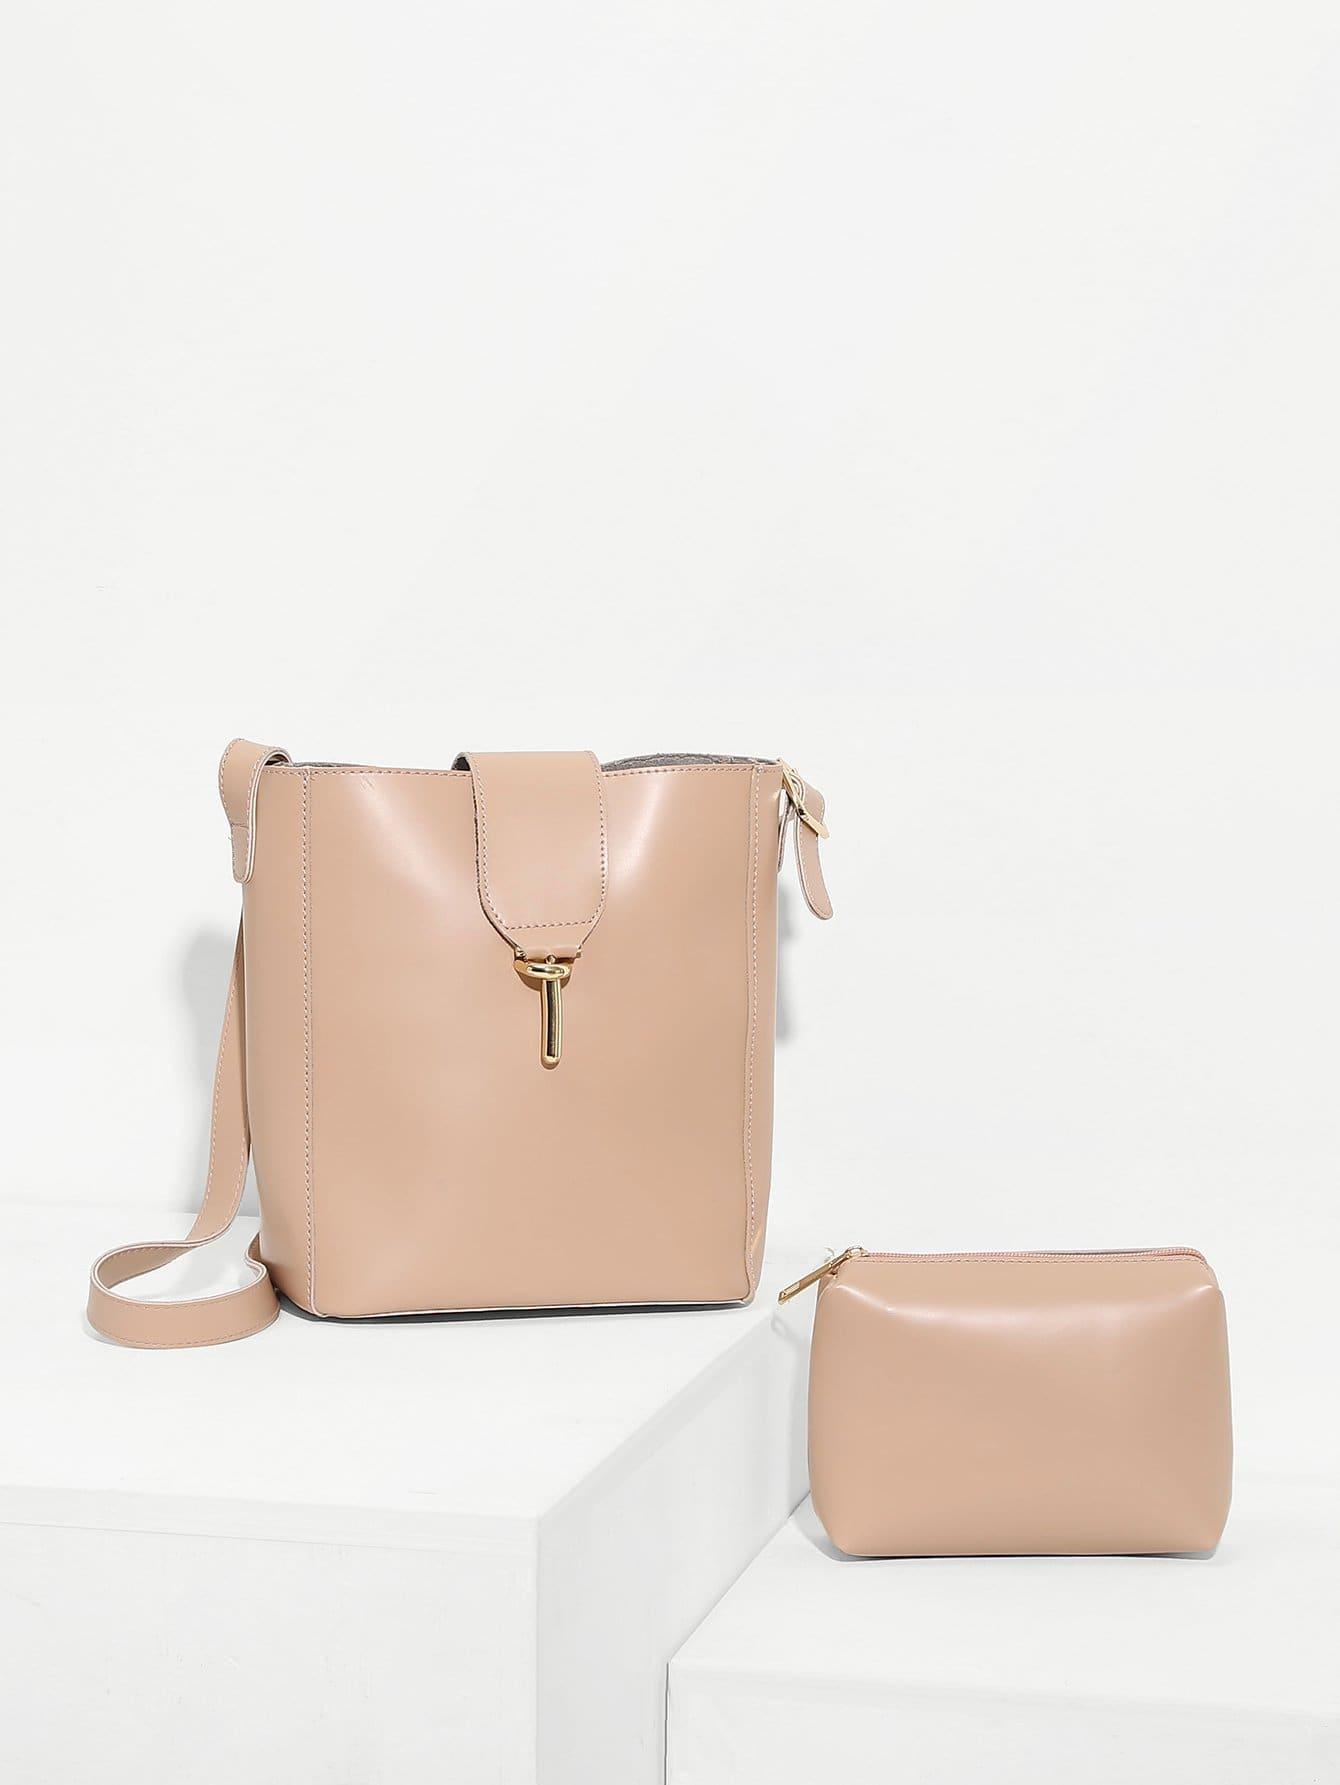 Купить Сумка через плечо и с меленькой сумкой, null, SheIn